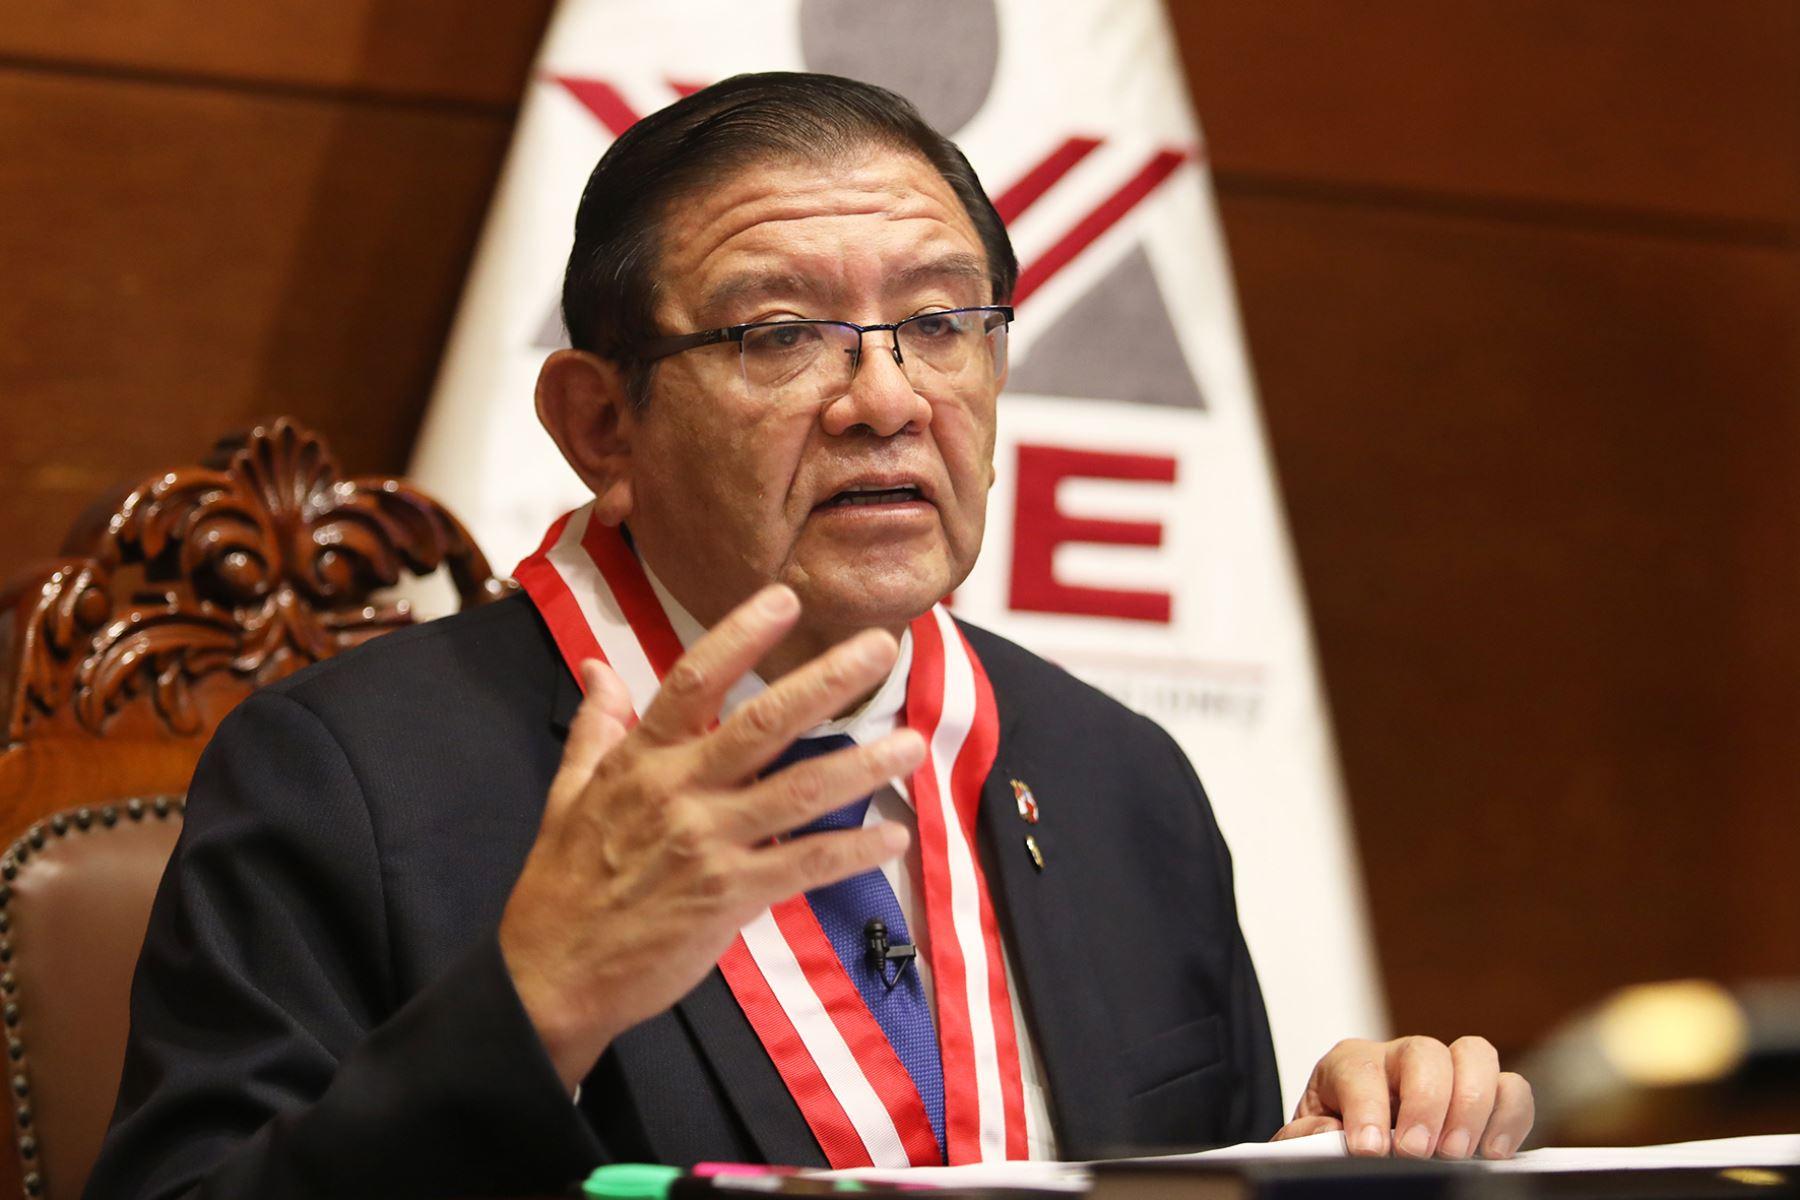 Presidente del JNE, Jorge Luis Salas Arenas. ANDINA/Difusión